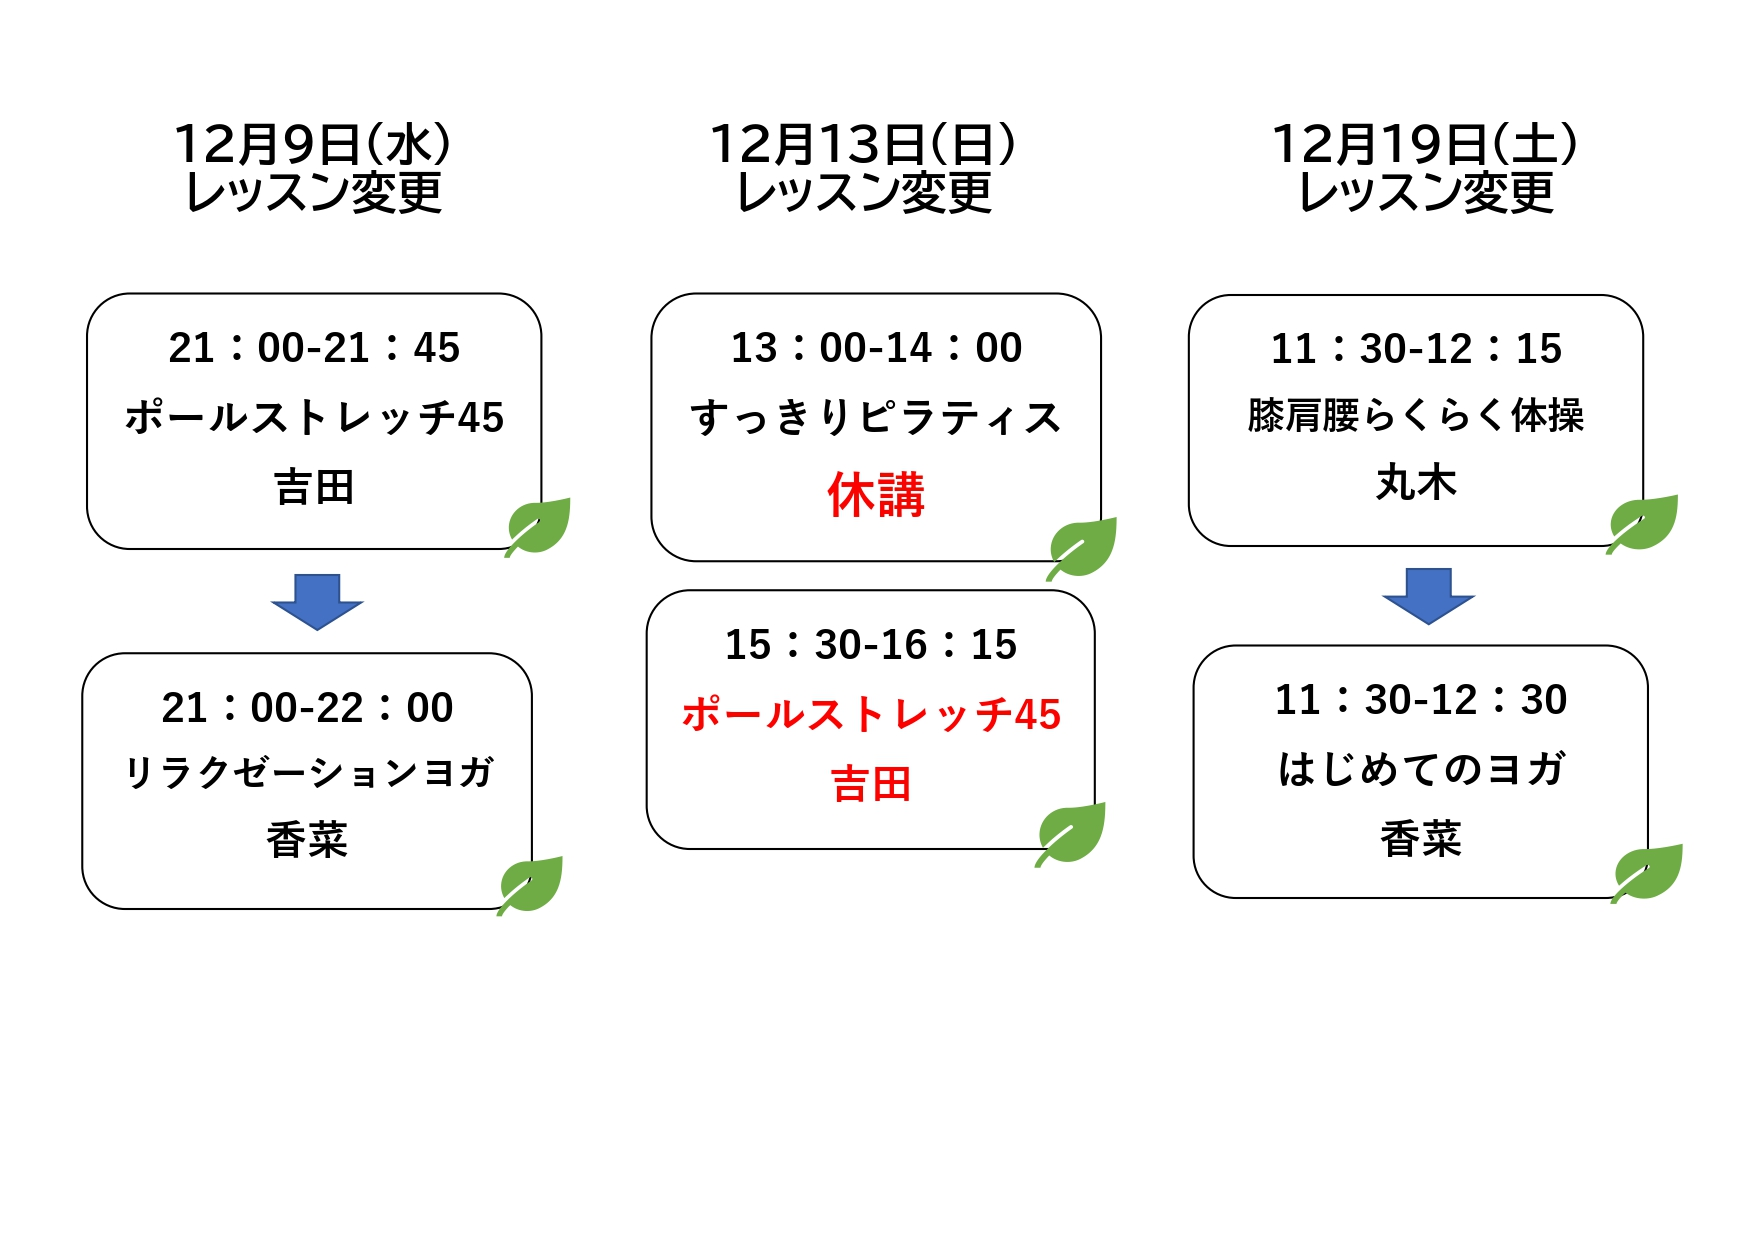 メディカルフィットネスウェルベース矢巾の12月レッスン代行表・サテライトPDF①